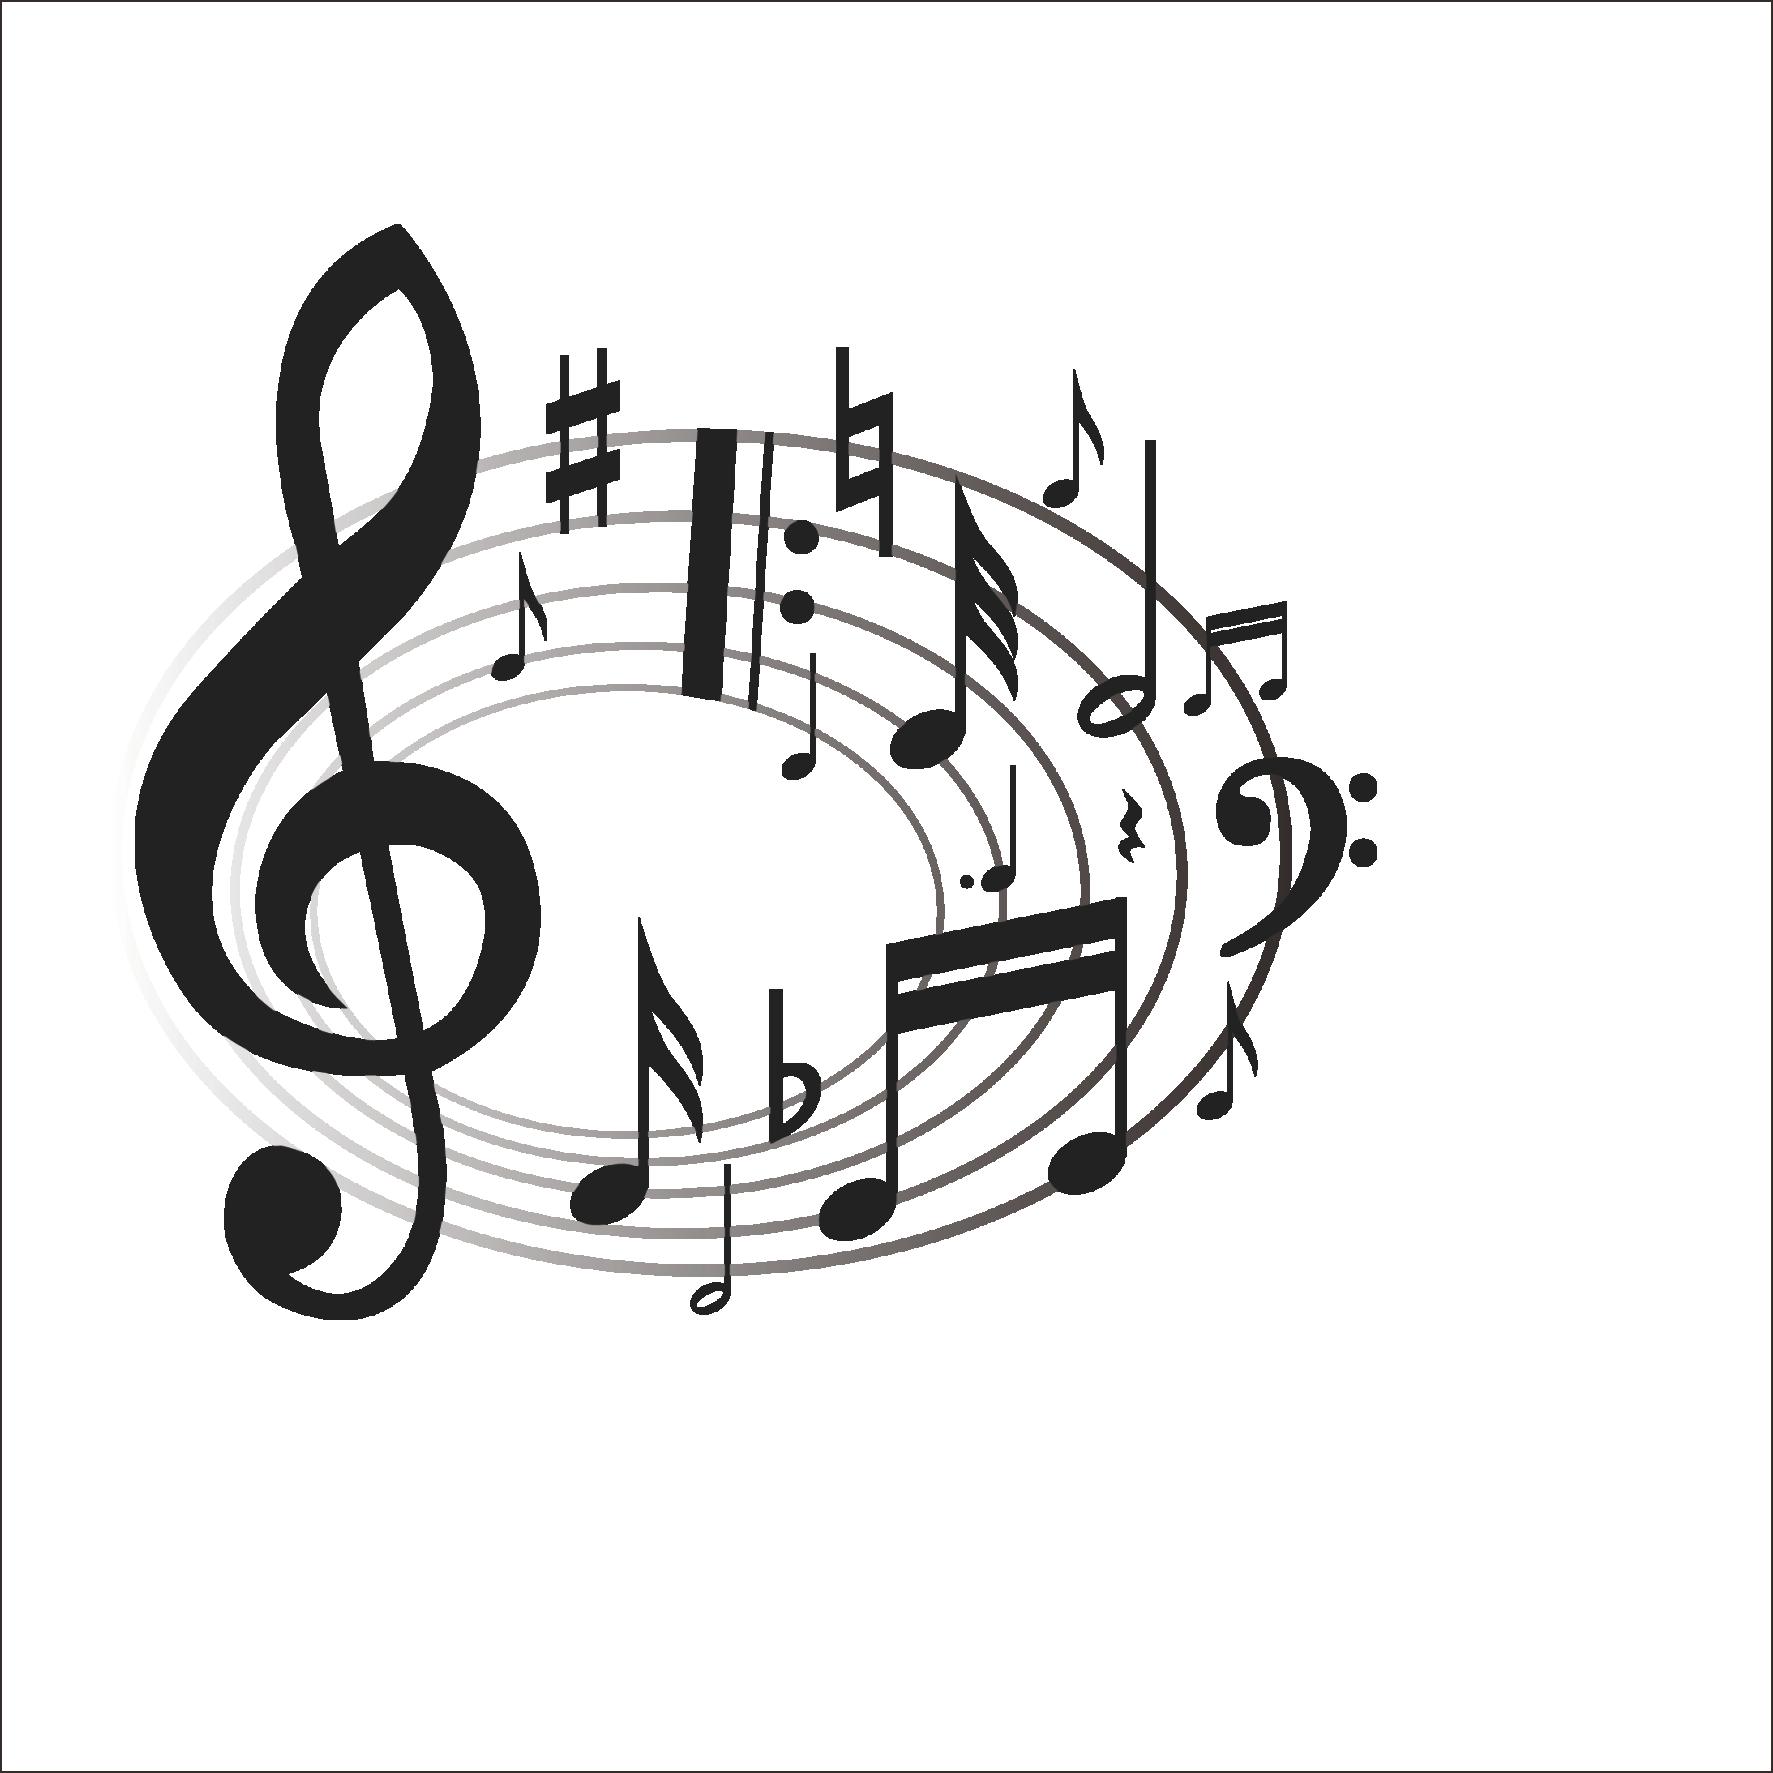 Choir Singing Gospel Music Clip Art - Venzhe 2016 New Design